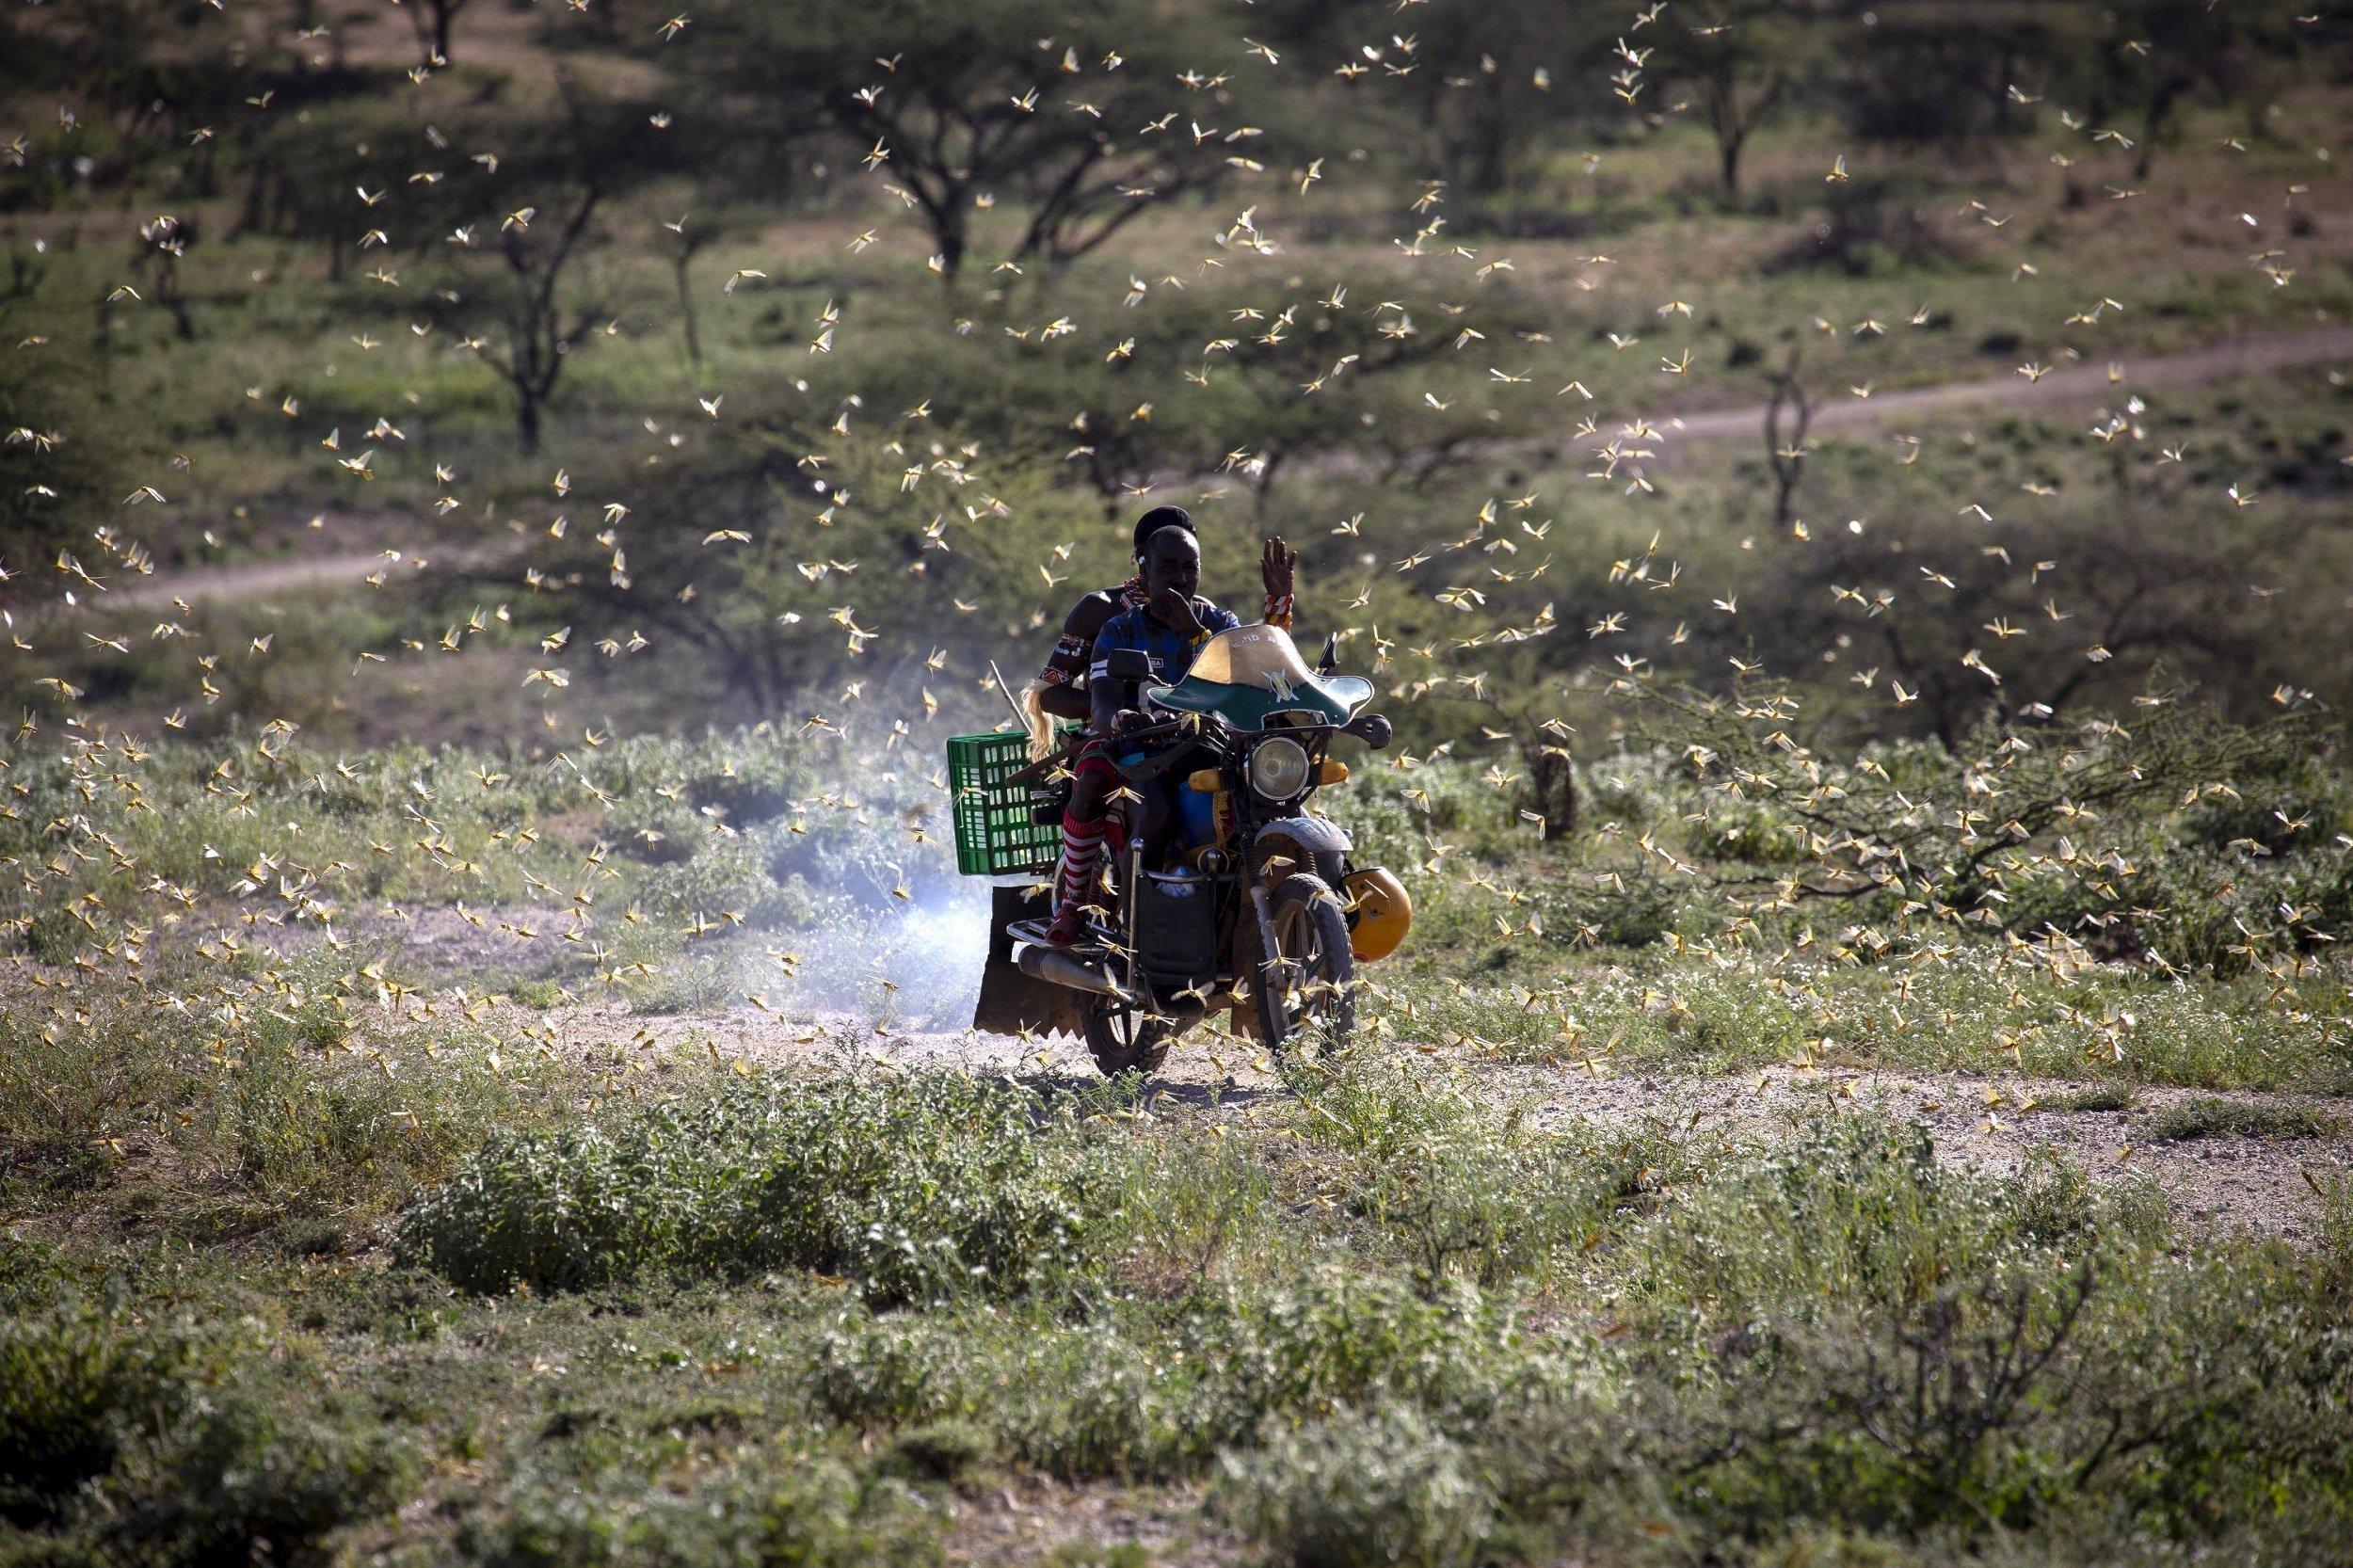 Ein Mann fährt auf einem Motorrad durch einen Heuschreckenschwarm.